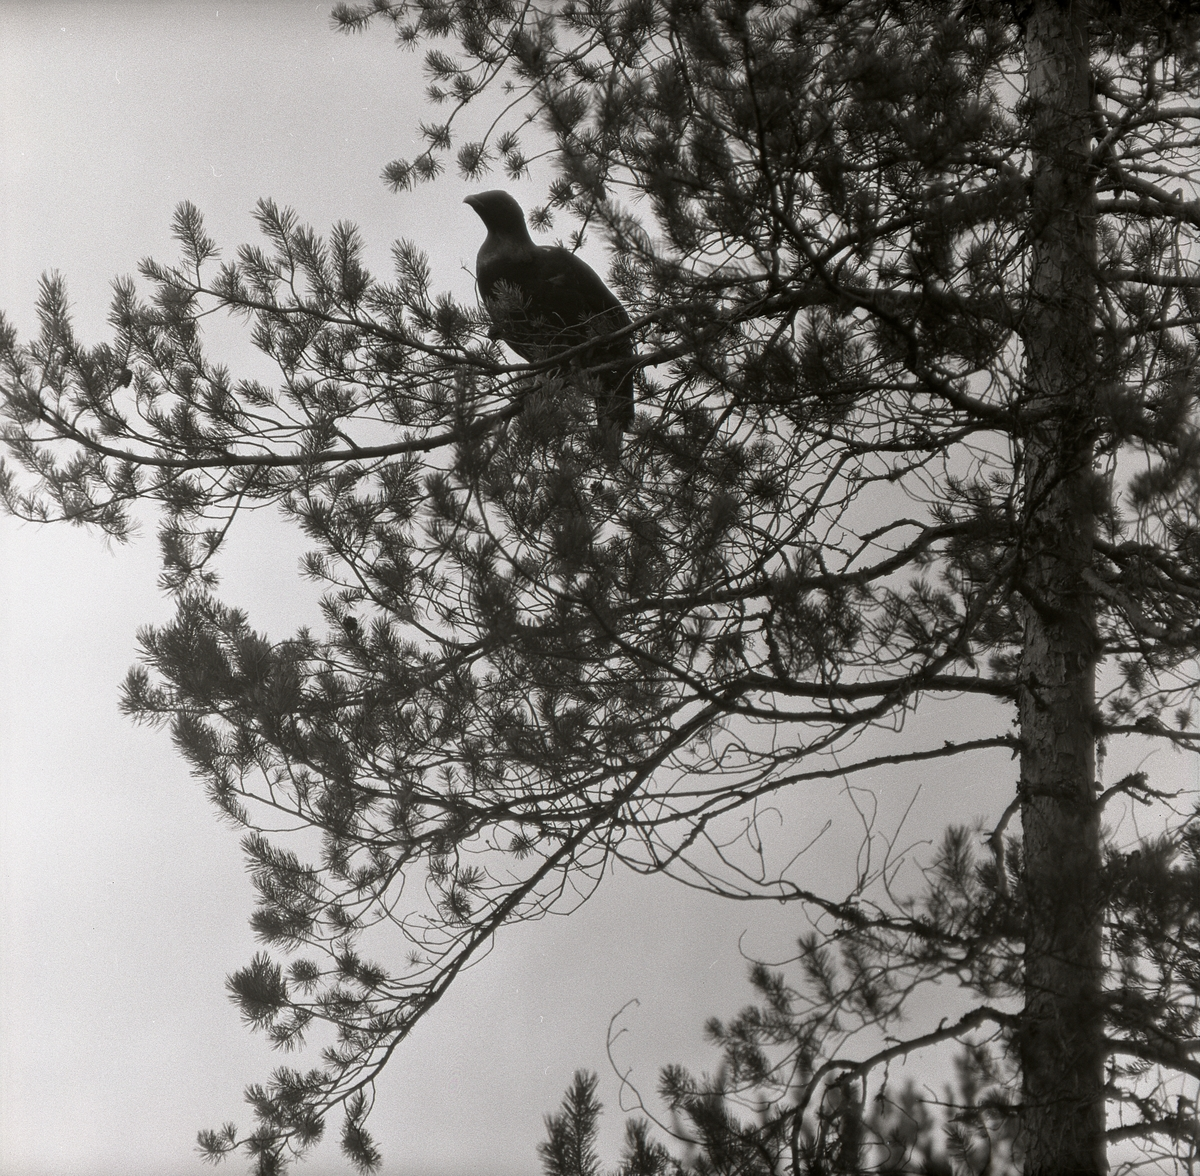 En tjäder sitter högt upp på en tallgren 22 oktober 1957.